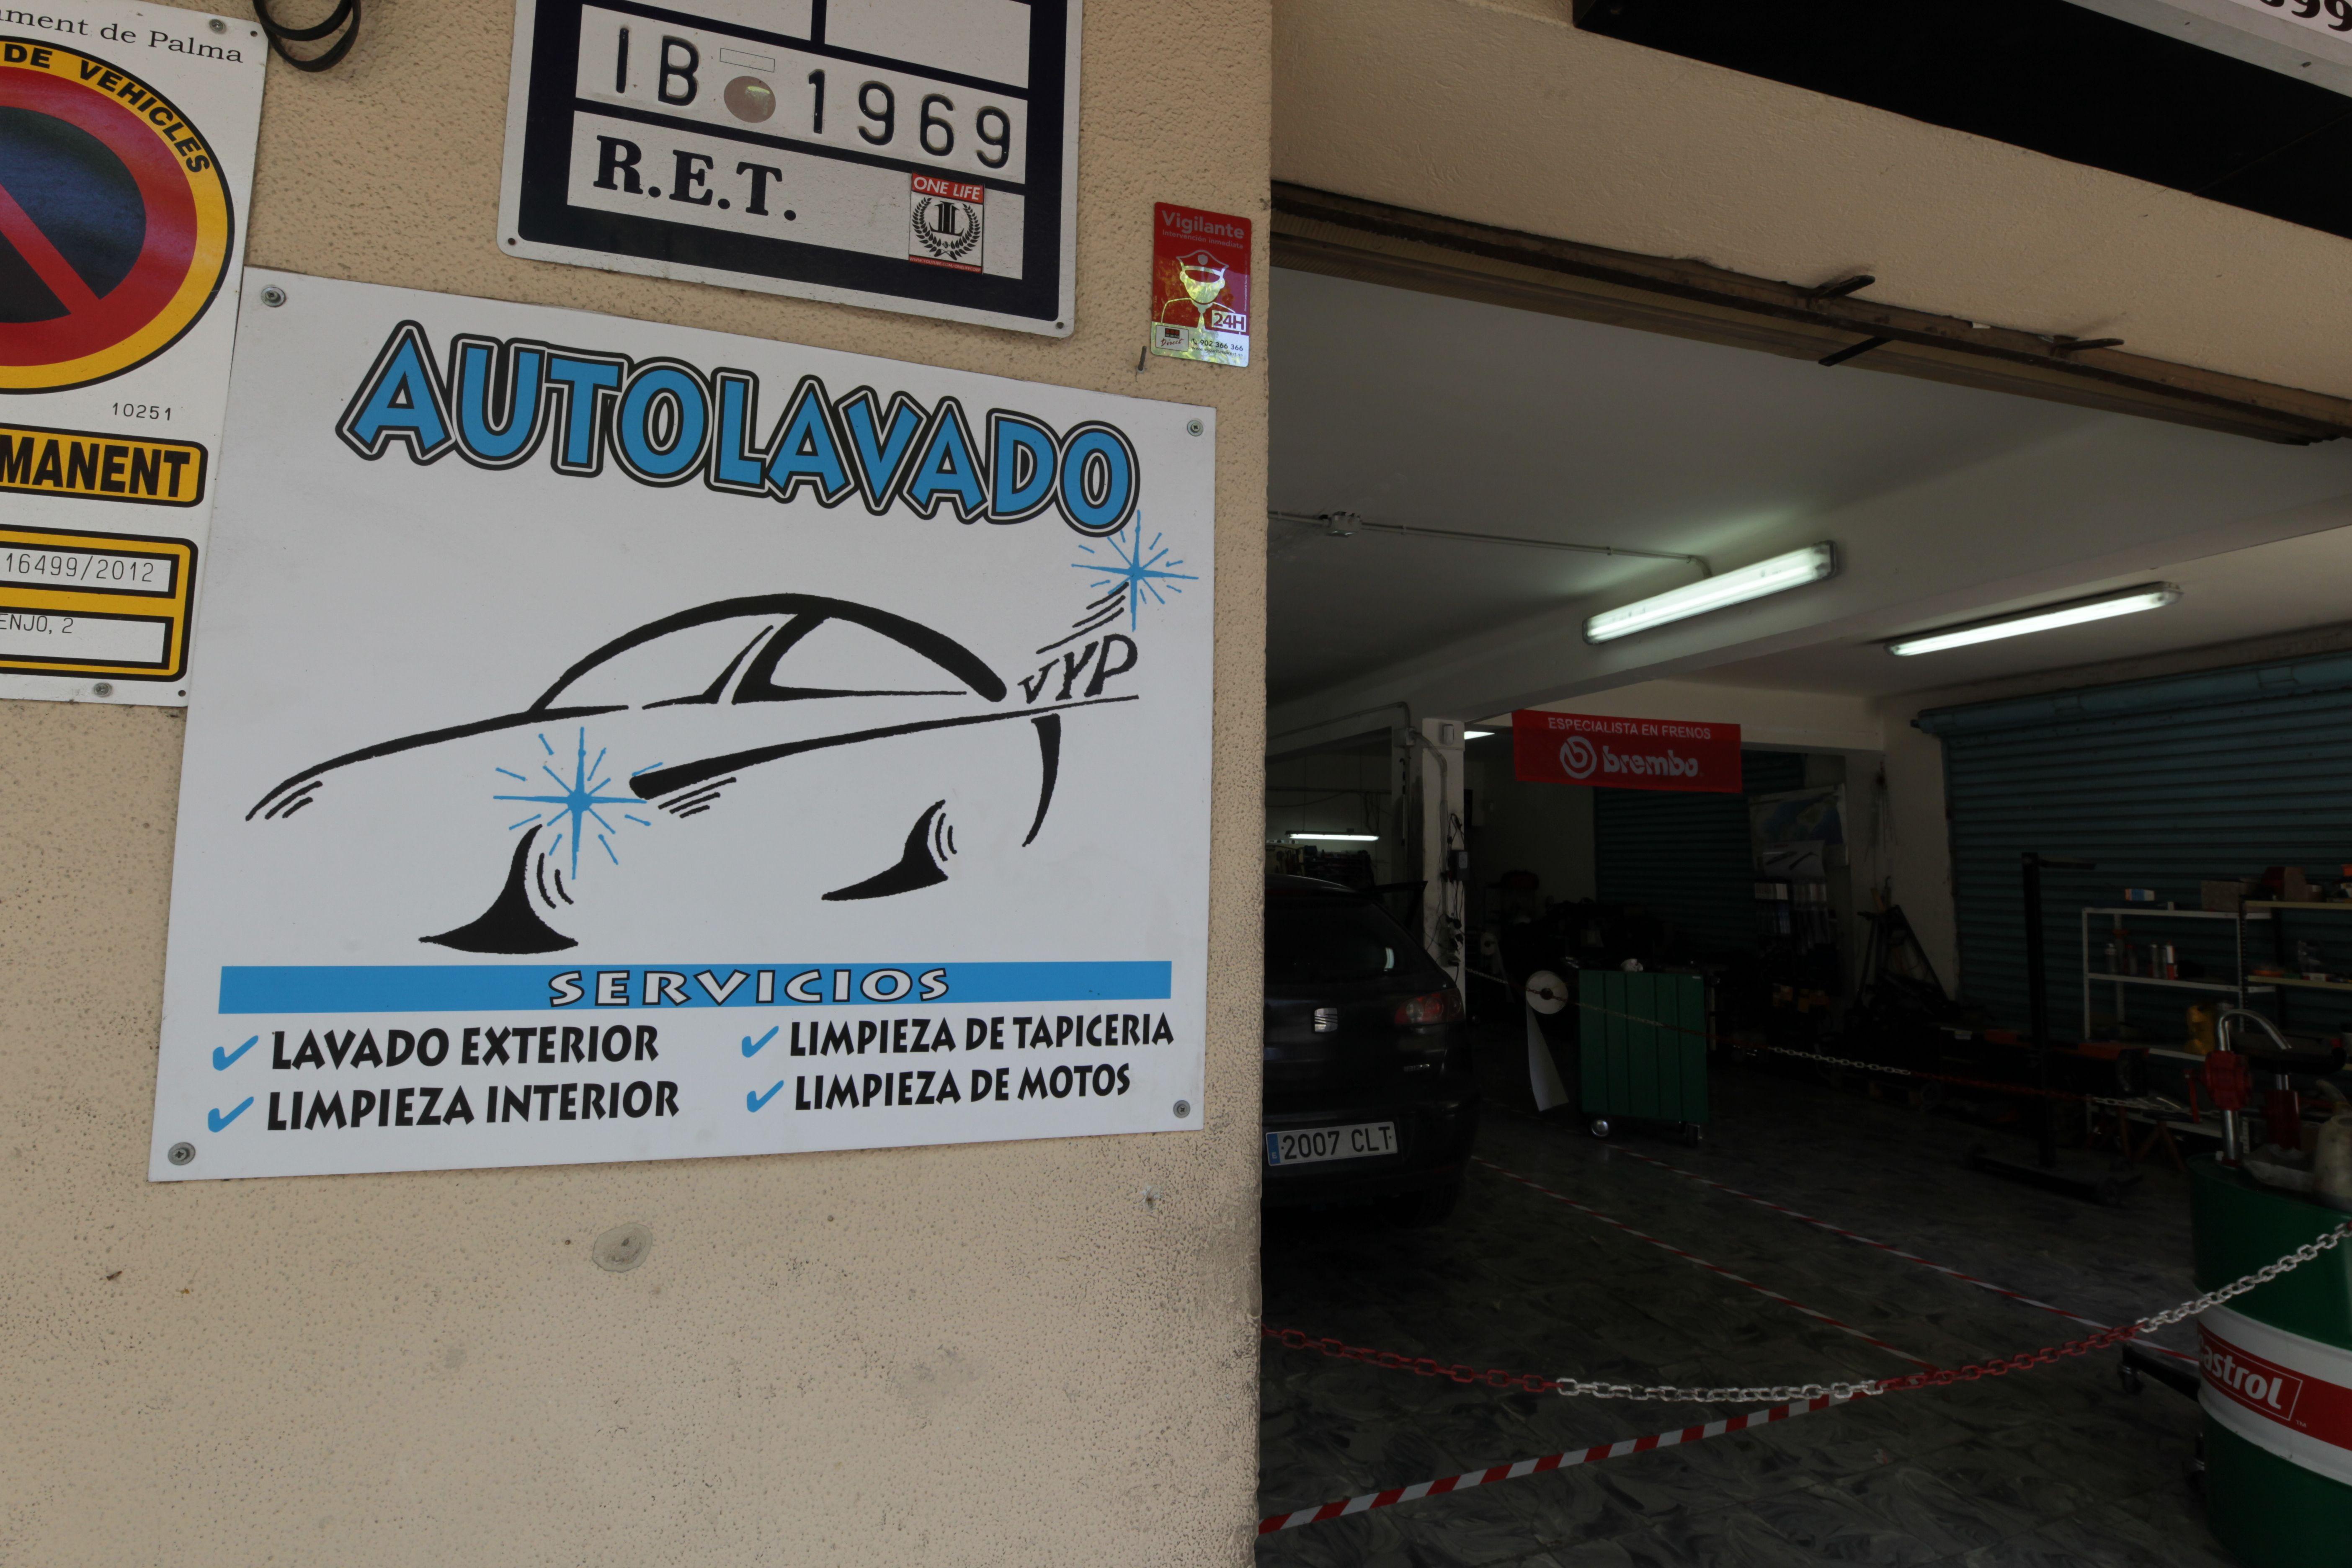 Autolavado en Palma de Mallorca